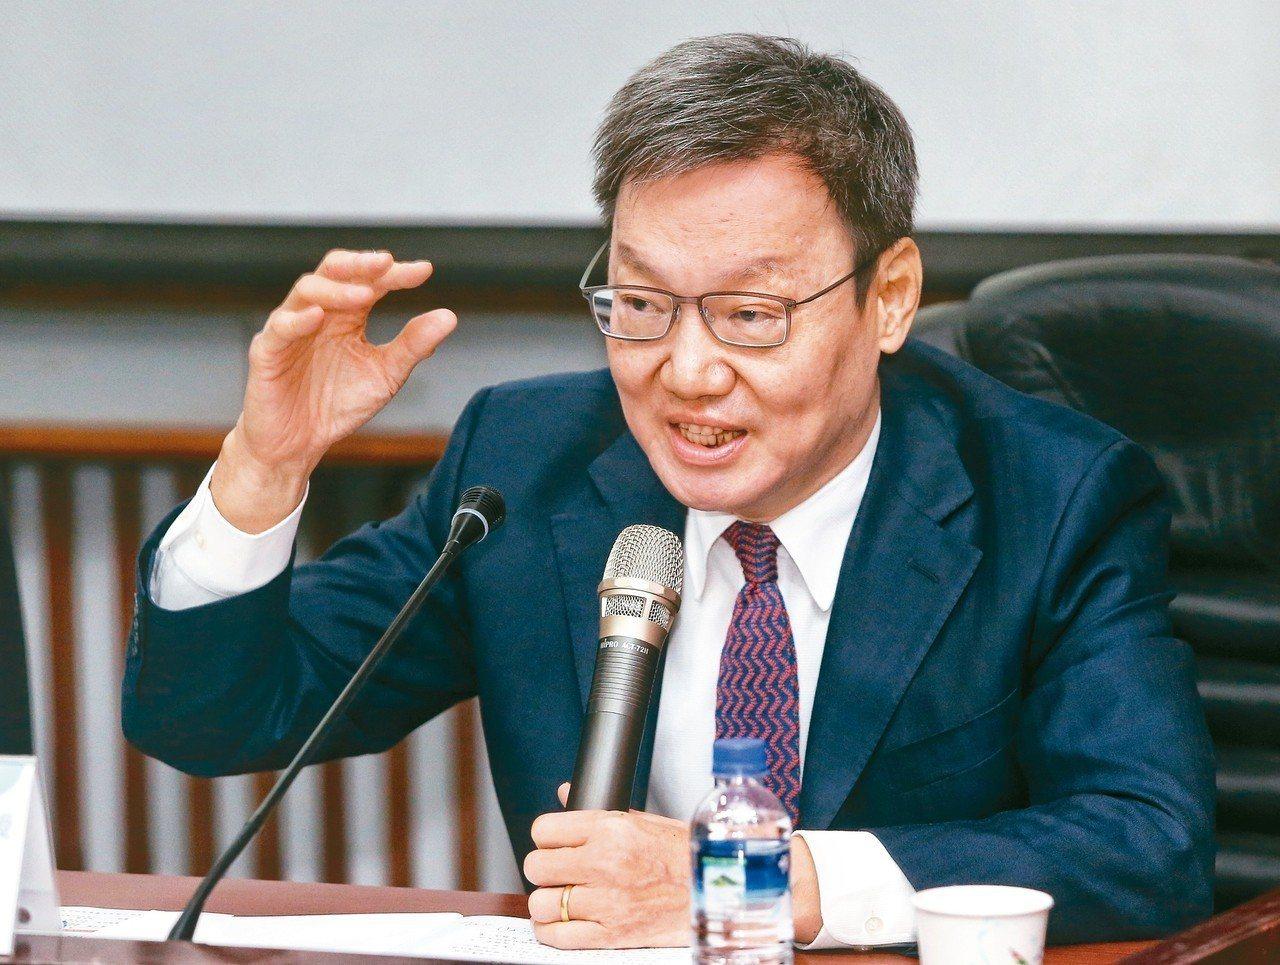 台北論壇基金會董事長蘇起說,兩岸關係明年呈現「高度警惕」狀態。 記者鄭清元/攝影